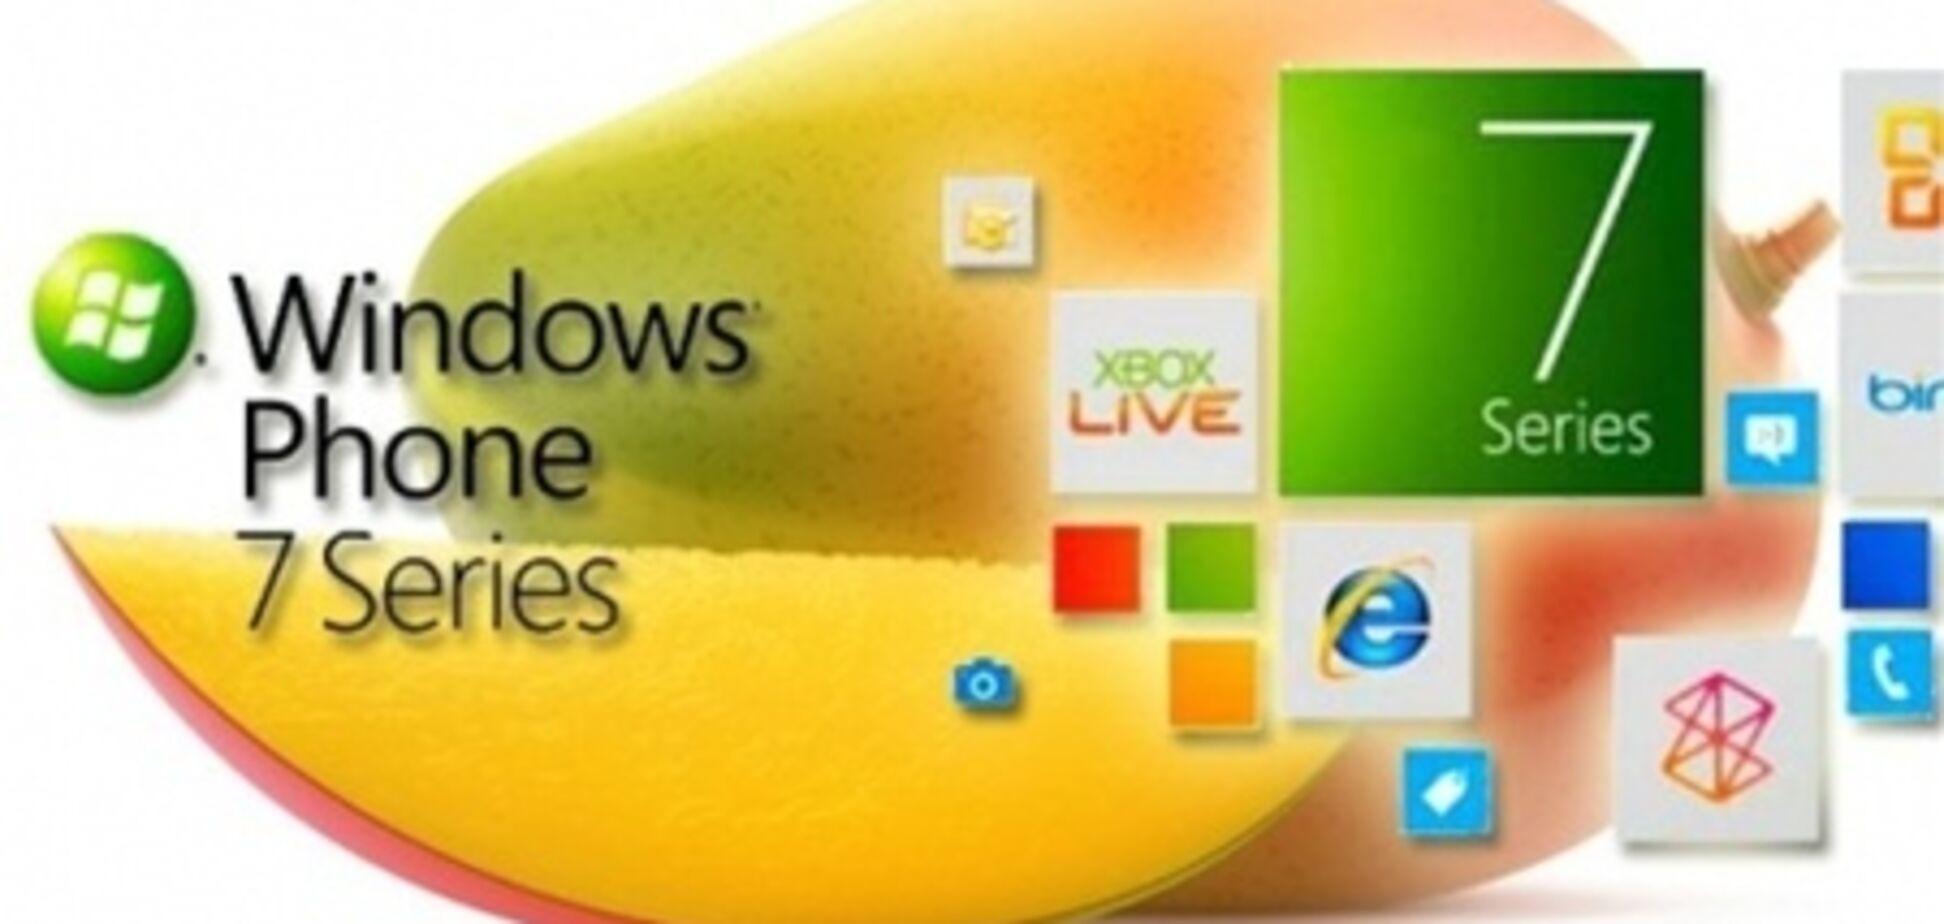 Nokia вновь позади. Выпущен первый телефон на Windows Phone 7 Mango